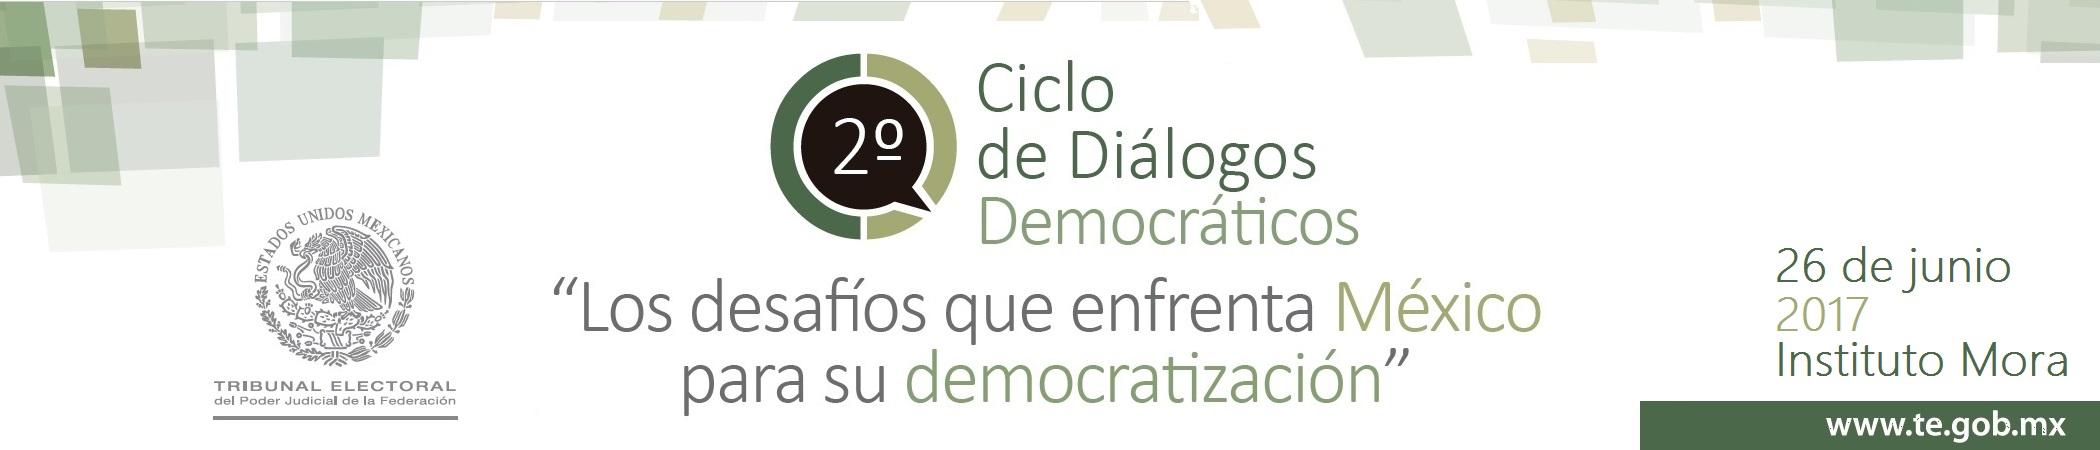 2° Ciclo de Diálogos Democráticos